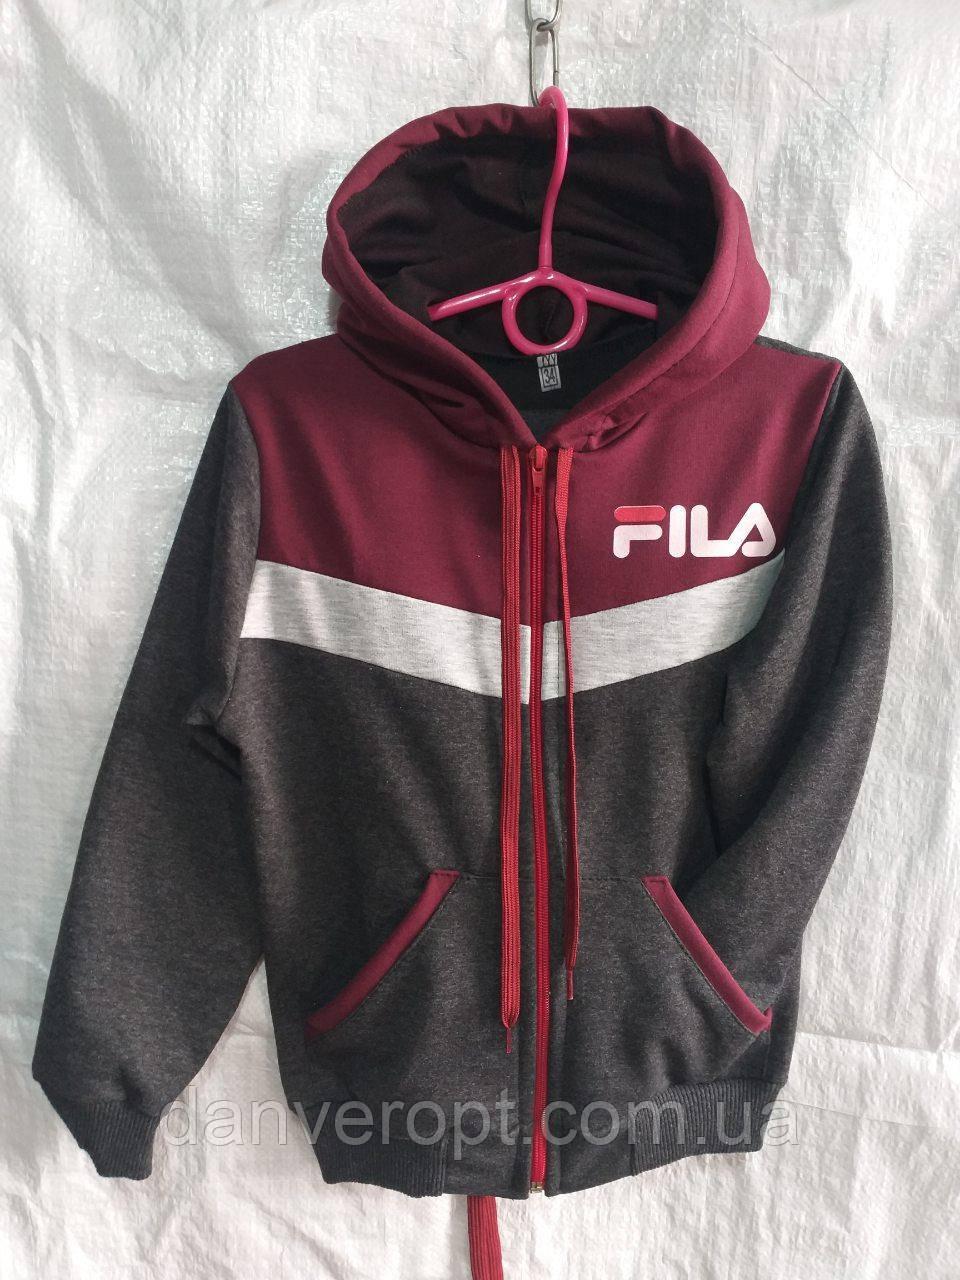 42578a8e6 Спортивный костюм детский модный FILA на мальчика 4-8 лет купить оптом со  склада 7